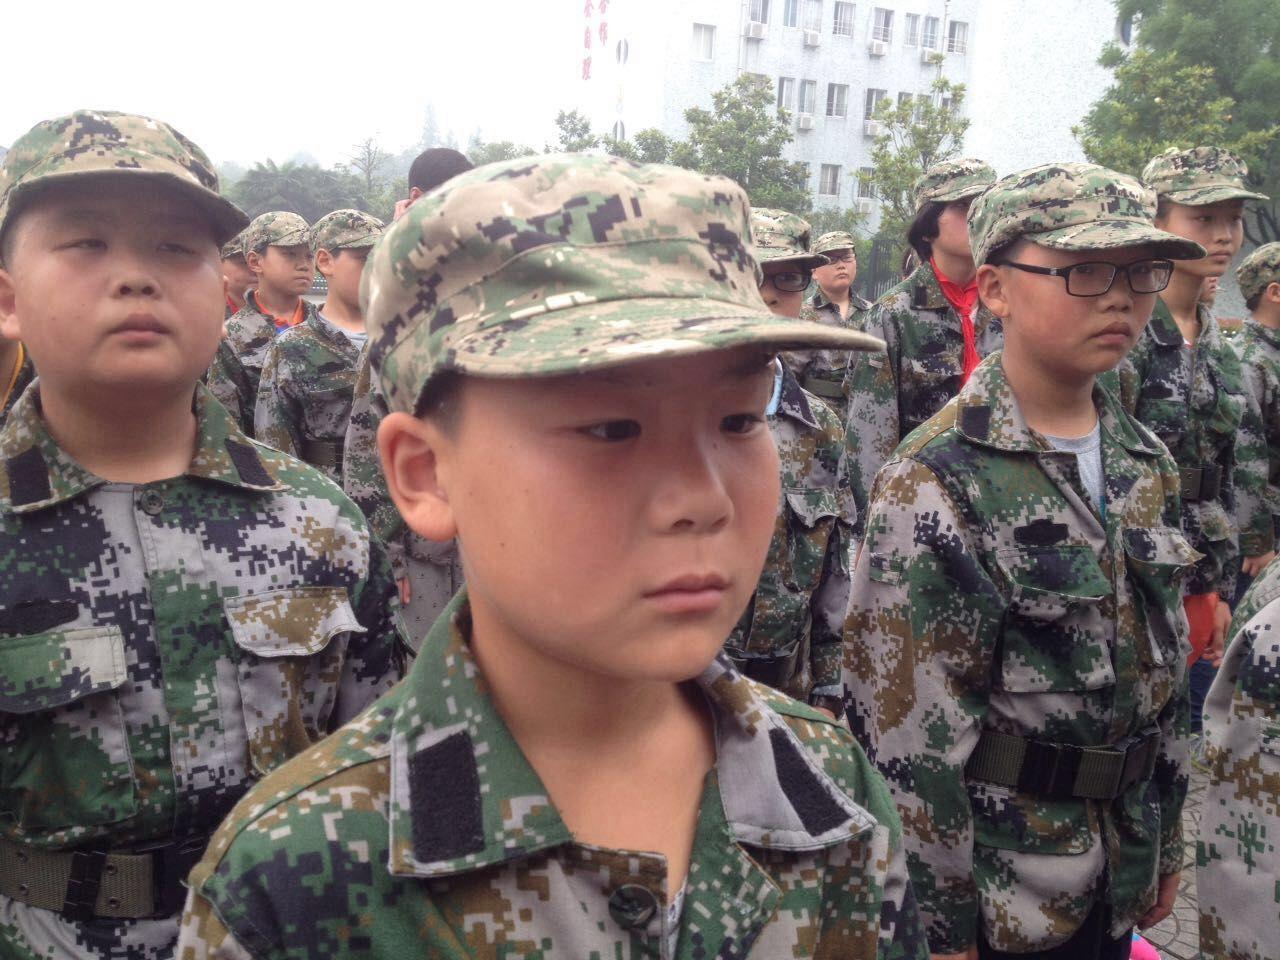 来看看小学生搞军训、穿小学的各种萌呆(图忆趣事军装图片